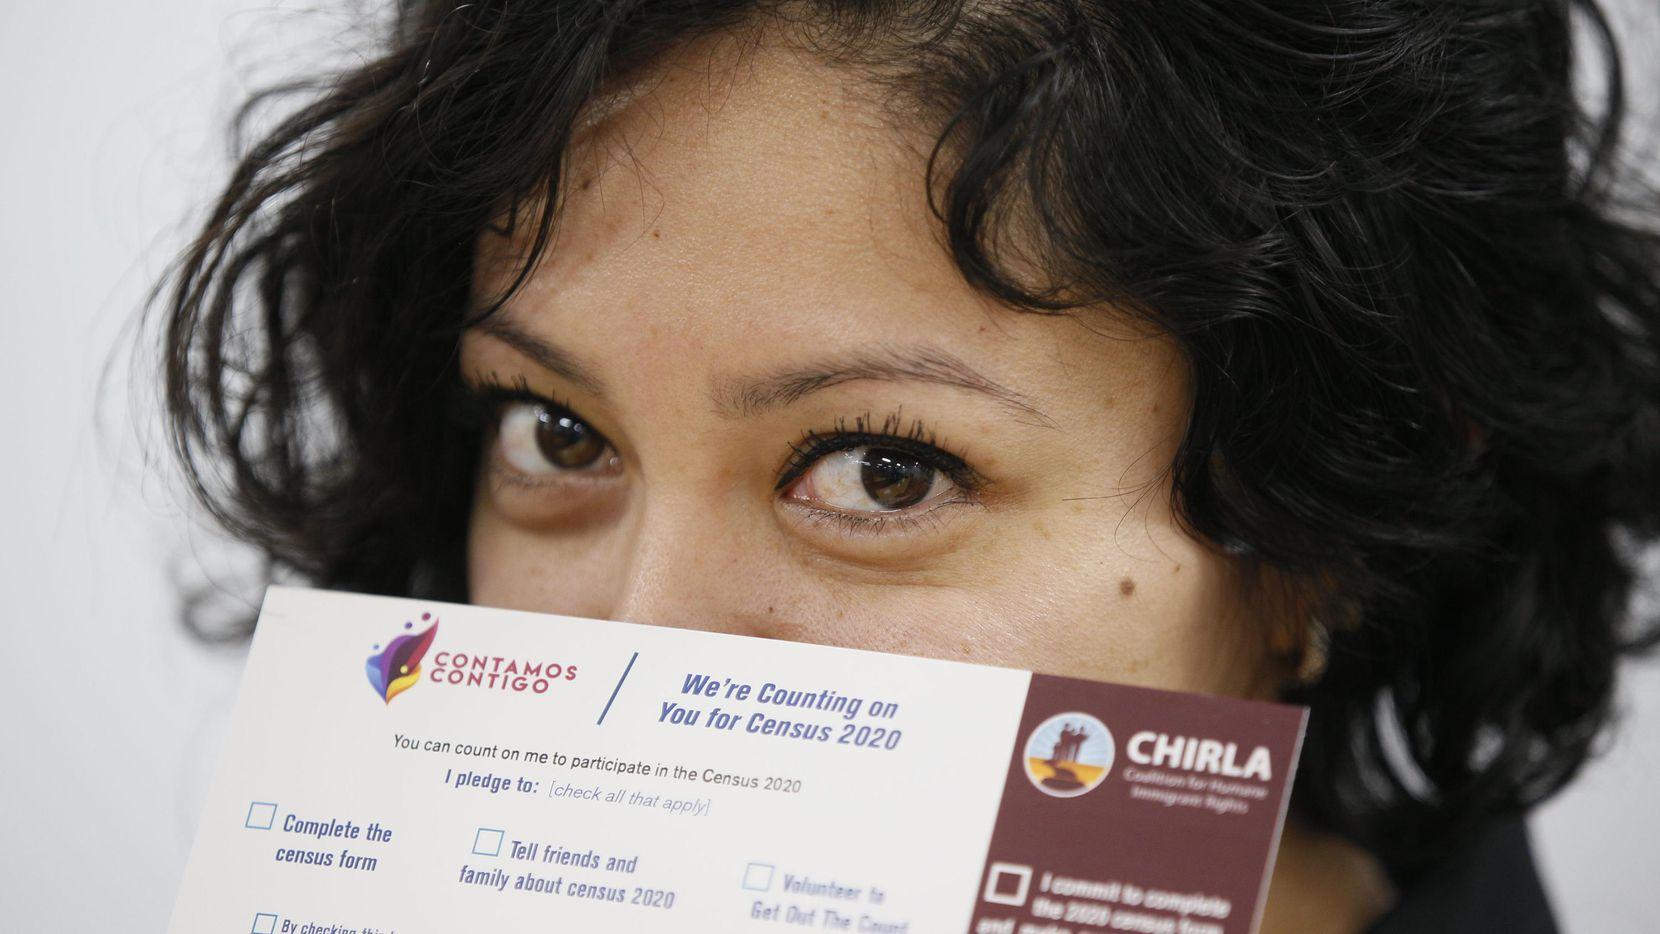 Diana Escamilla, de la organización de derechos humanos CHIRLA, muestra un poster para promover la participación de todos los residentes de Estadis Unidos en el censo del 2020.(AP)